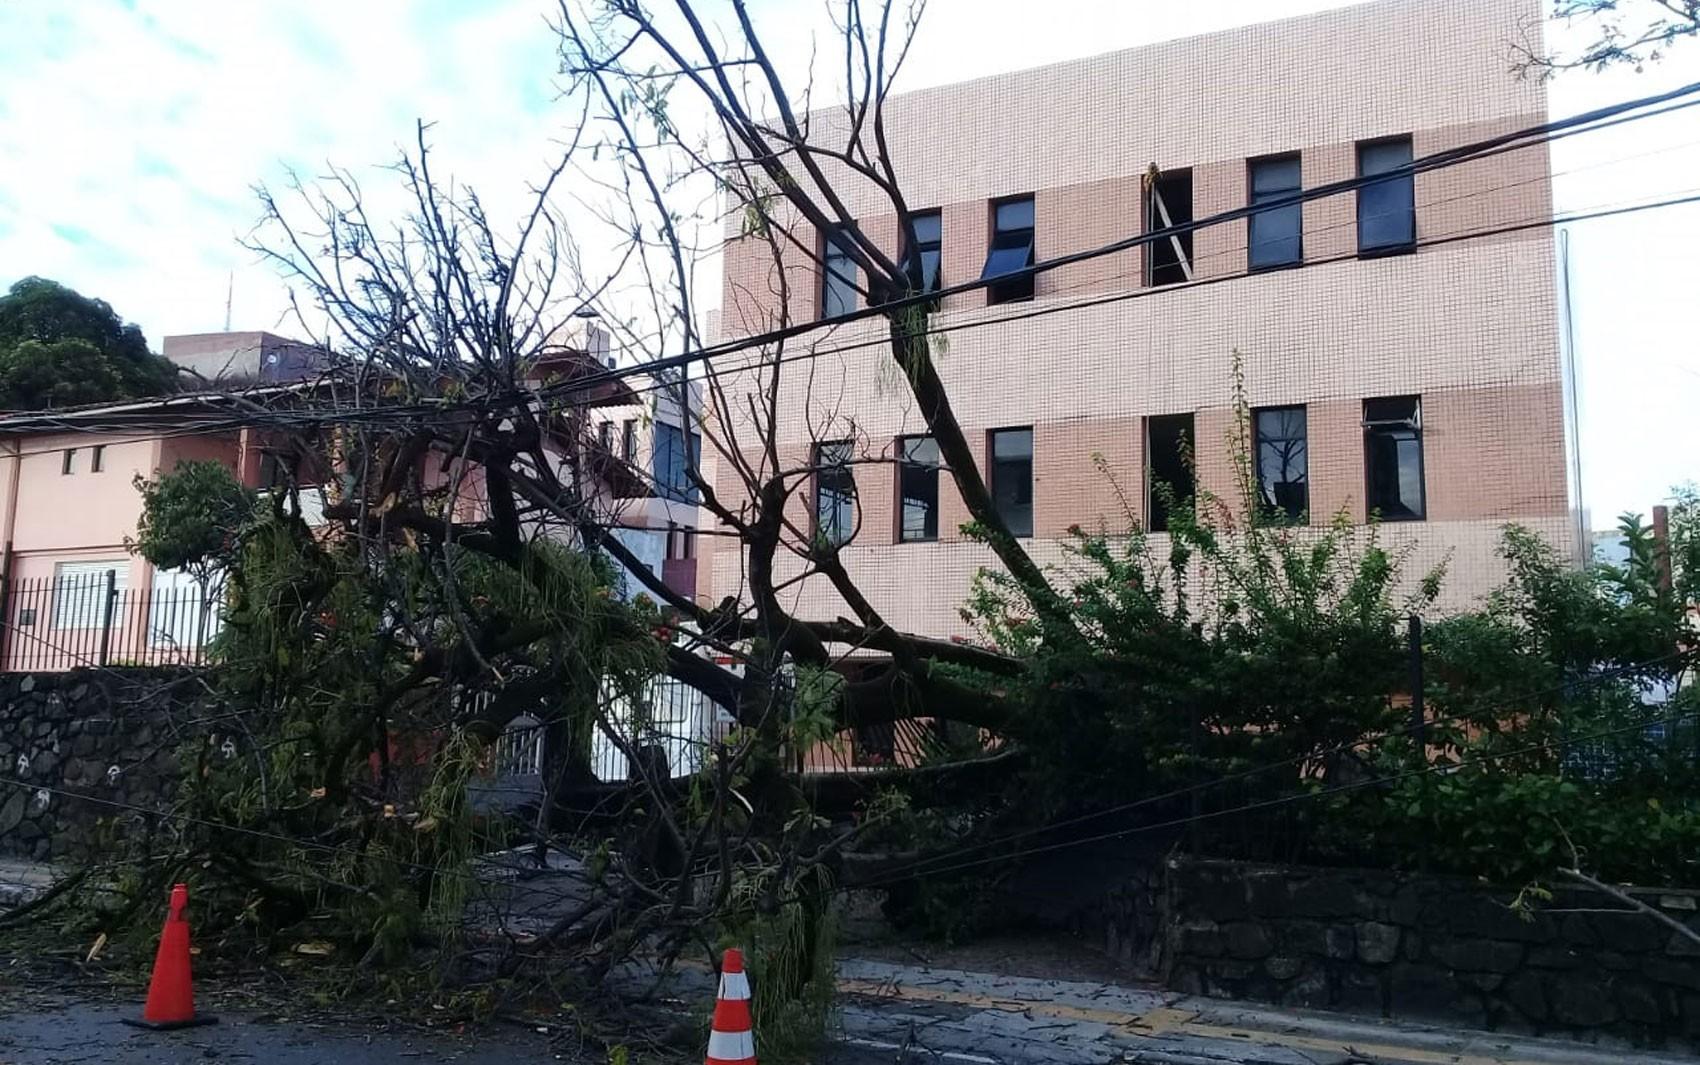 Árvore desaba e interdita parte de rua no bairro da Federação, em Salvador